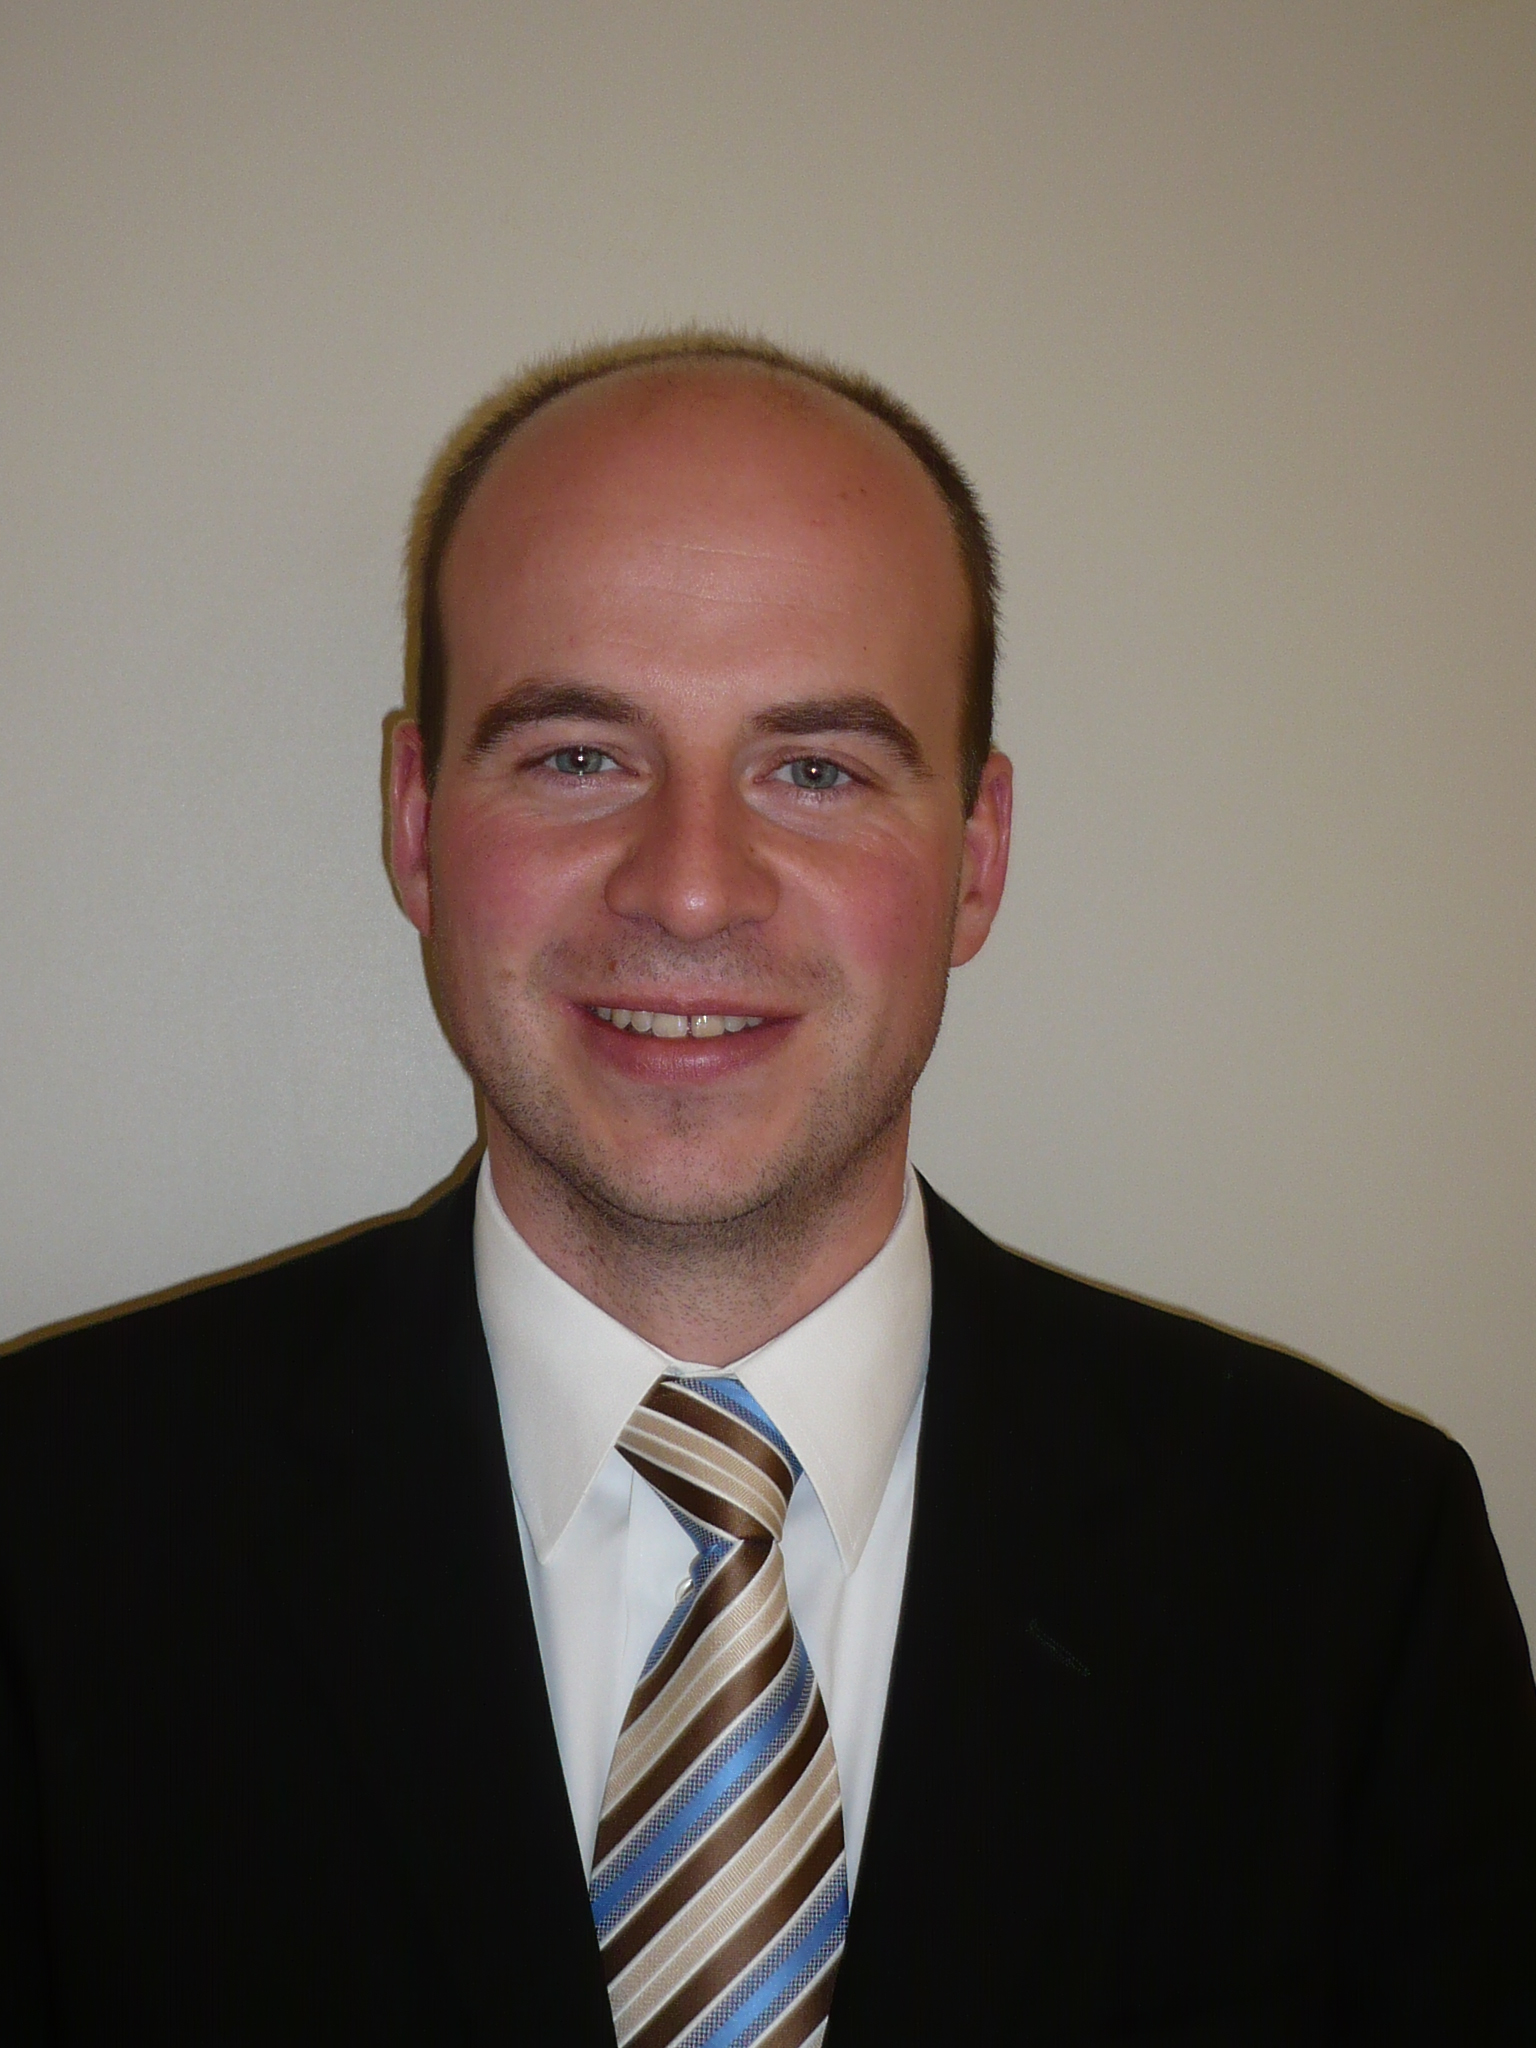 Stefan Cuntz